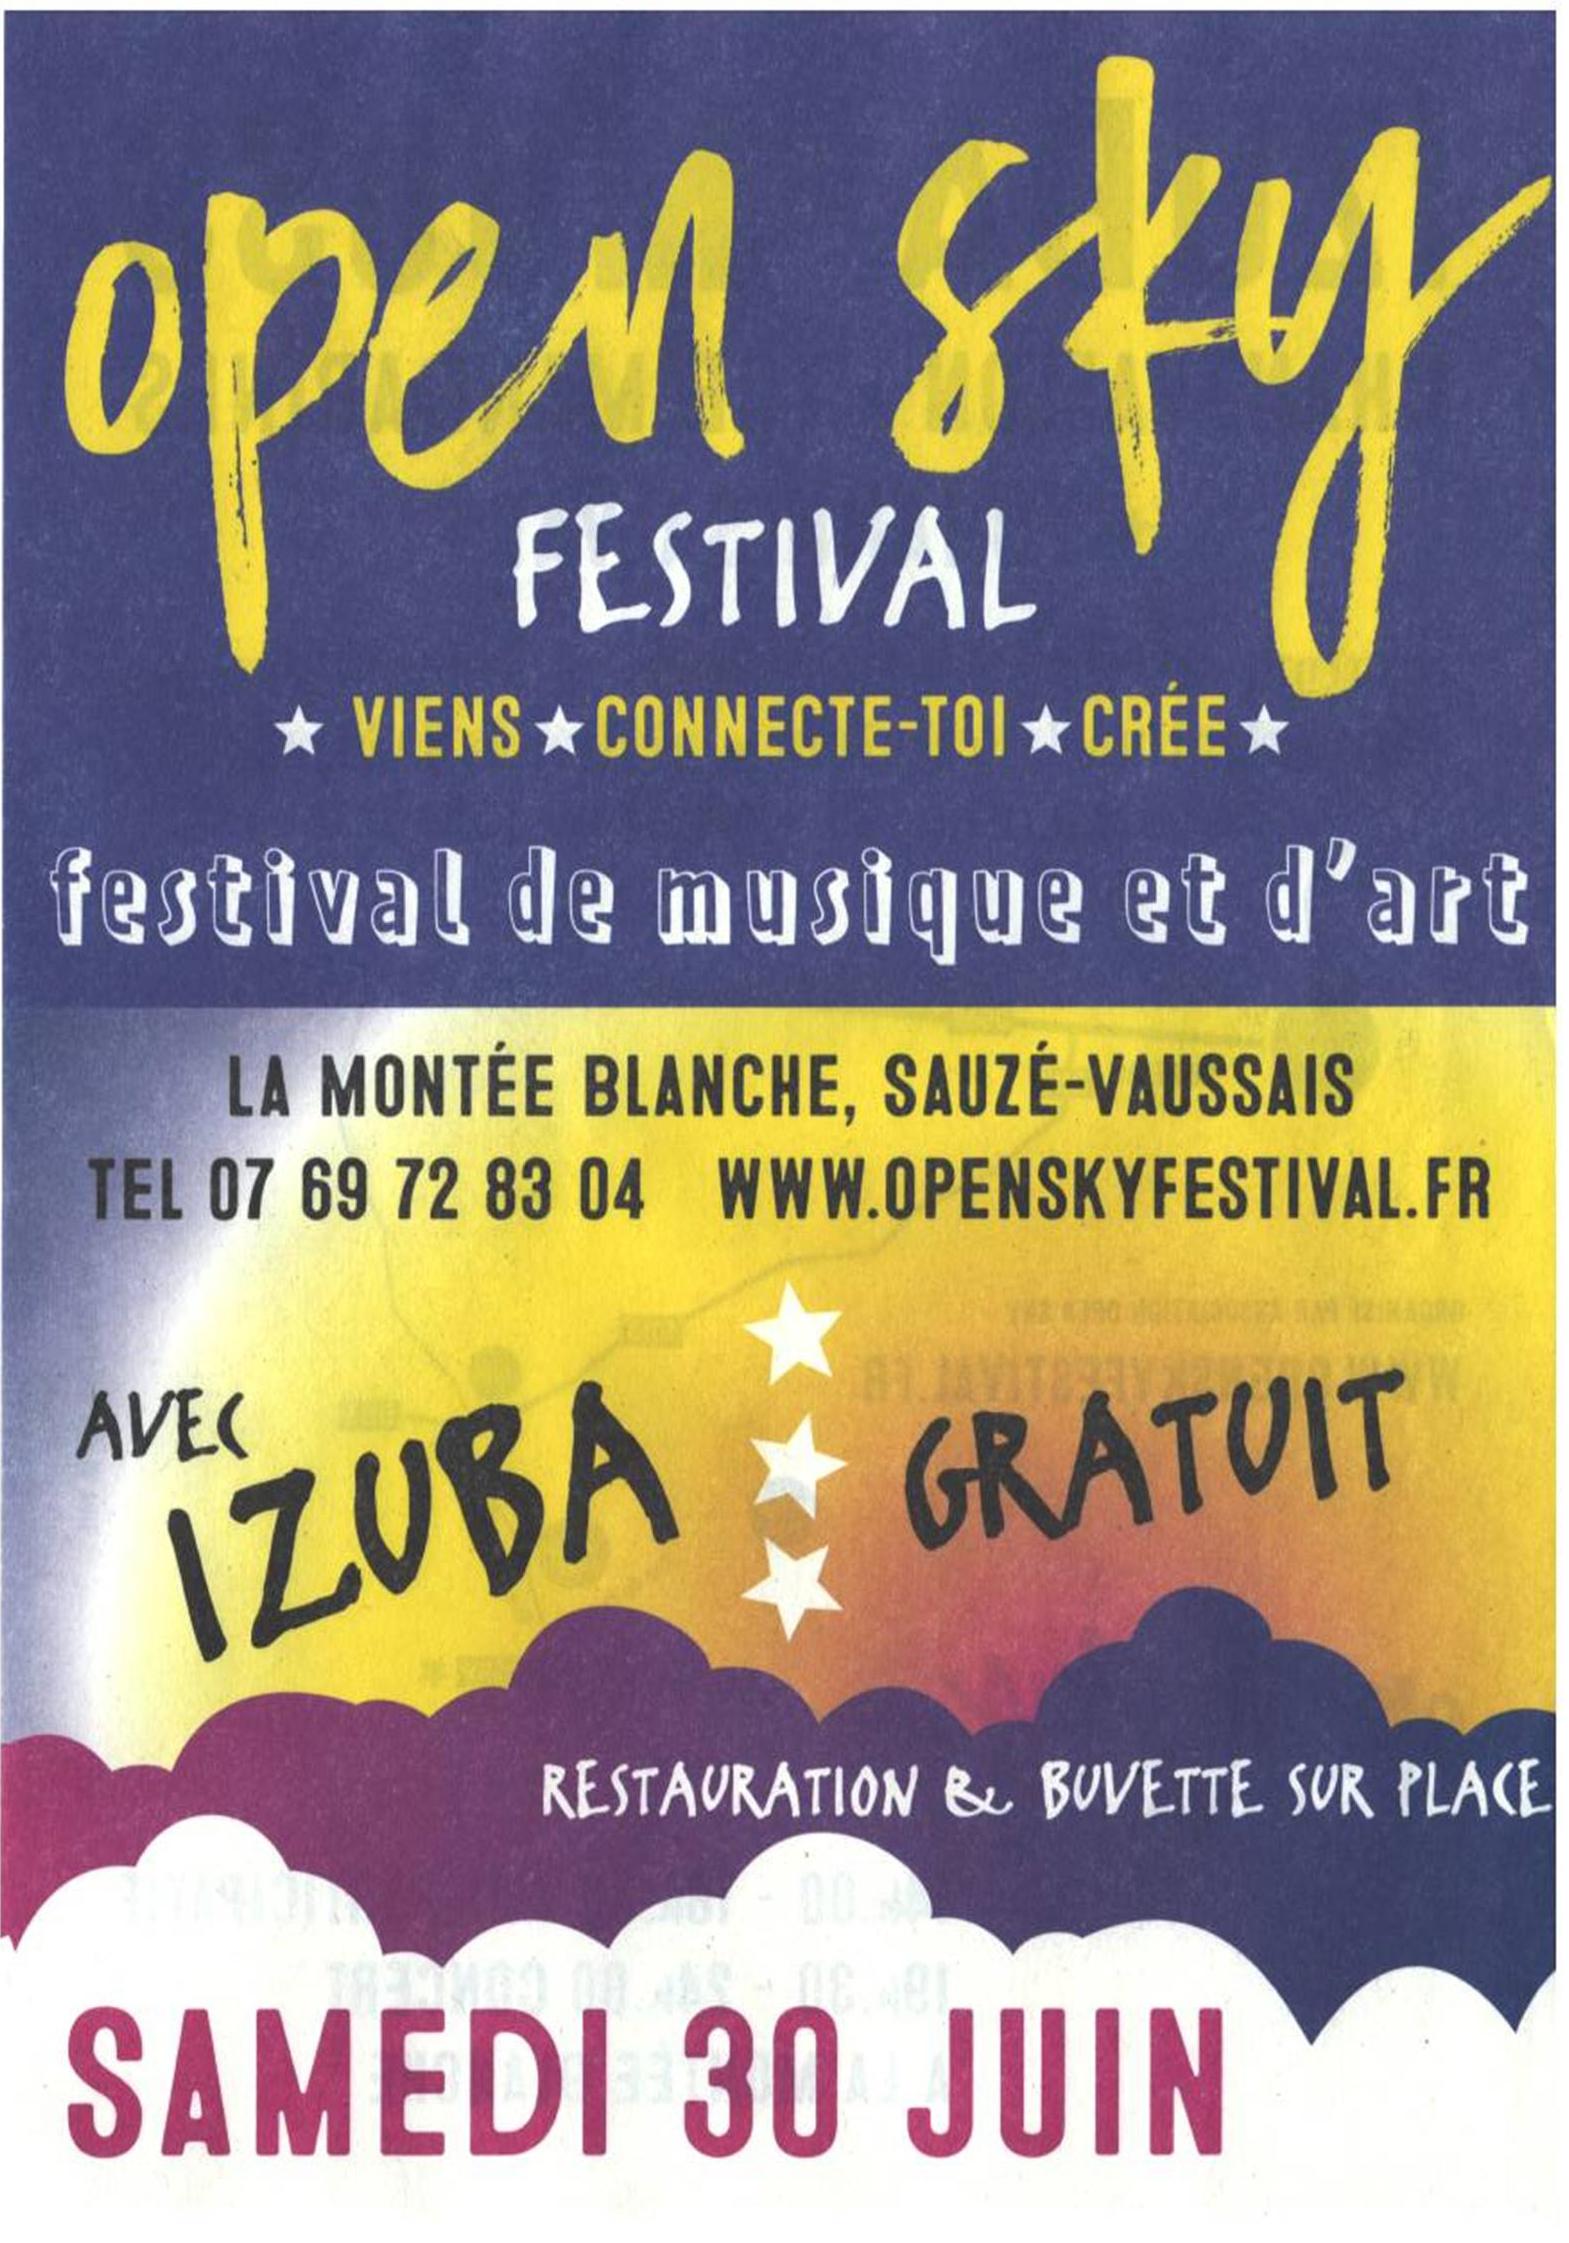 opensky gratuit